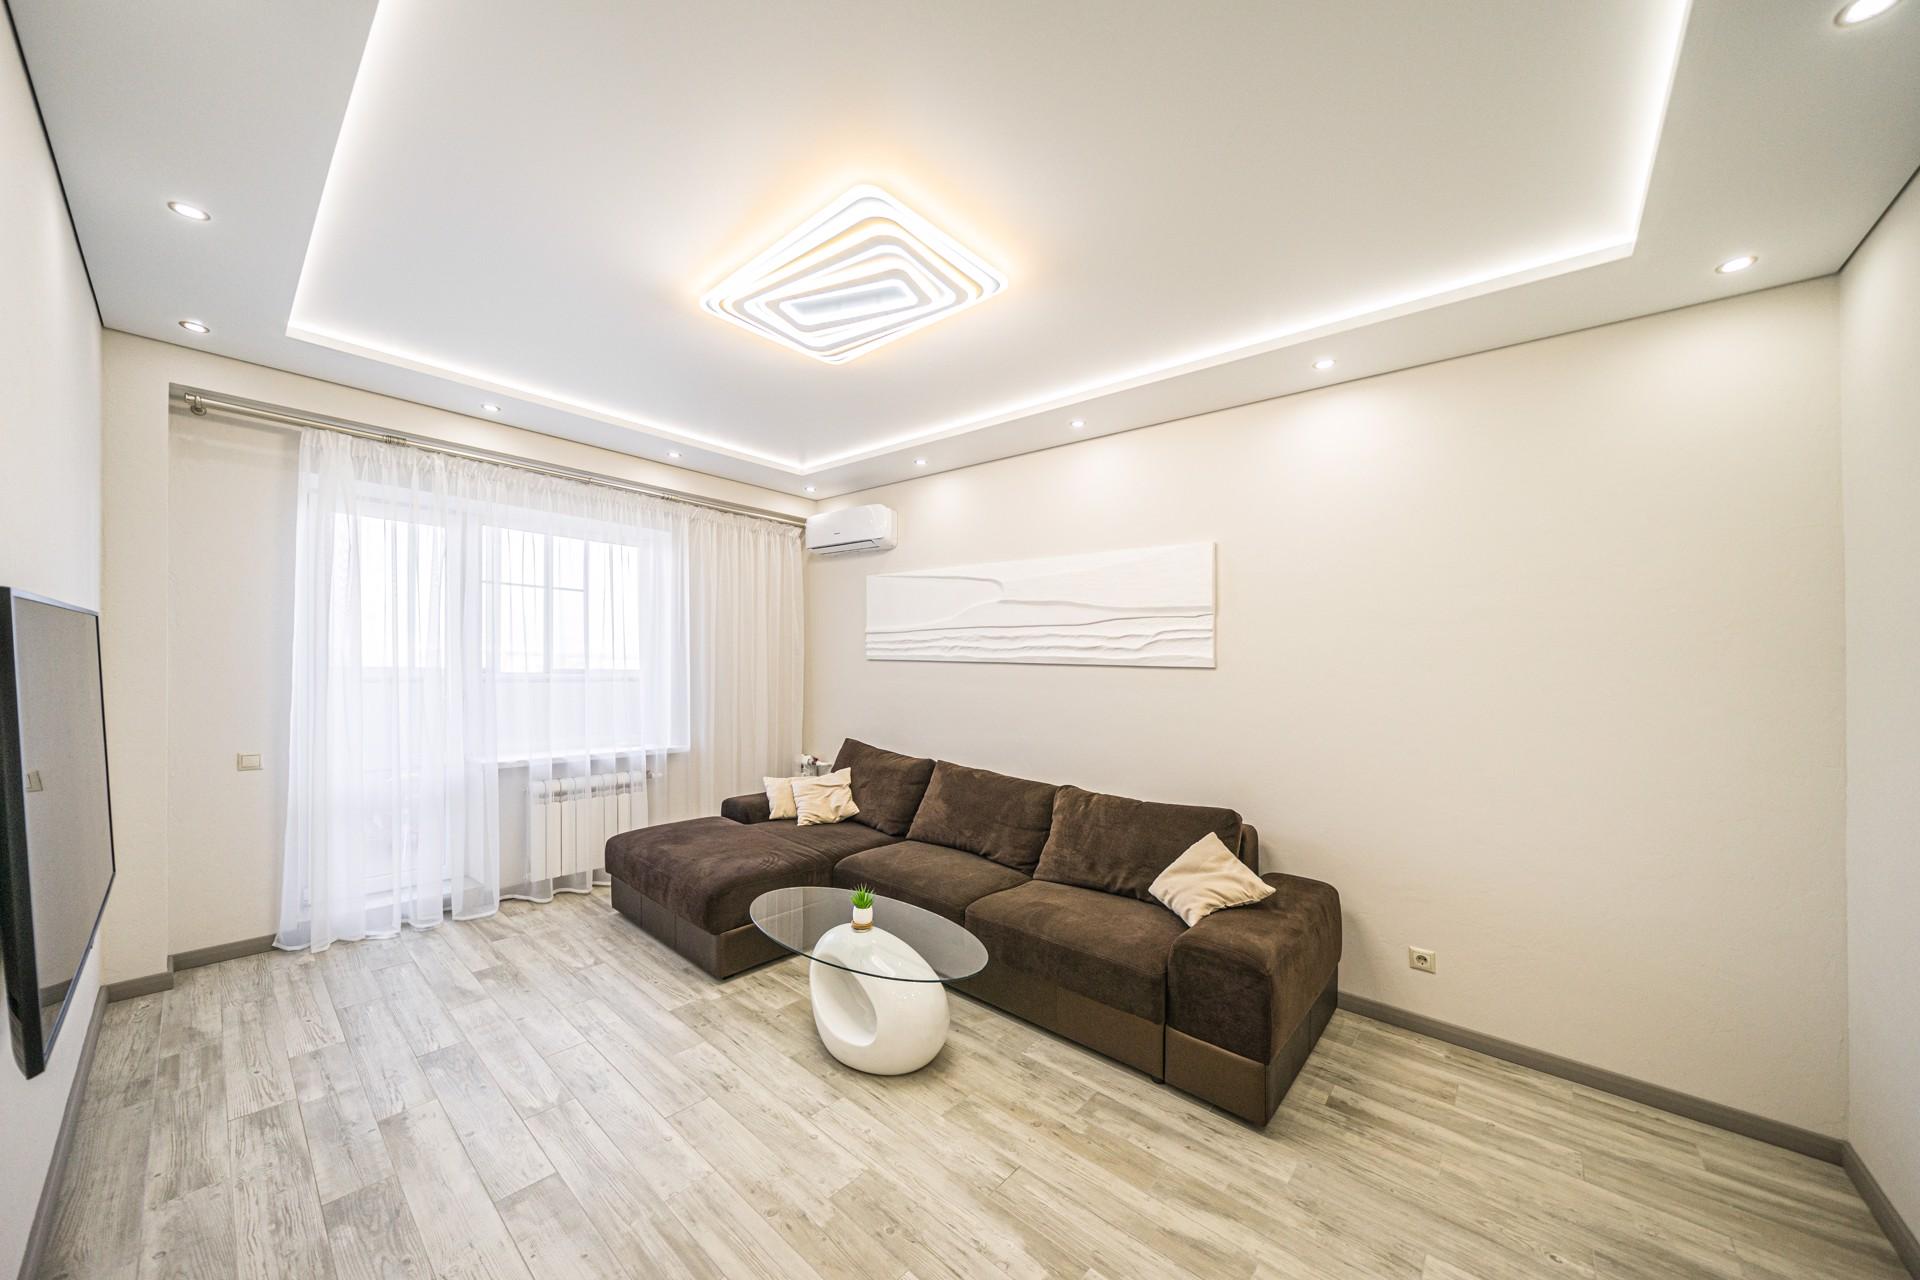 Продажа 2-к квартиры, Липецк, улица Игнатьева, 33к1, 66 м², 7000000 ₽